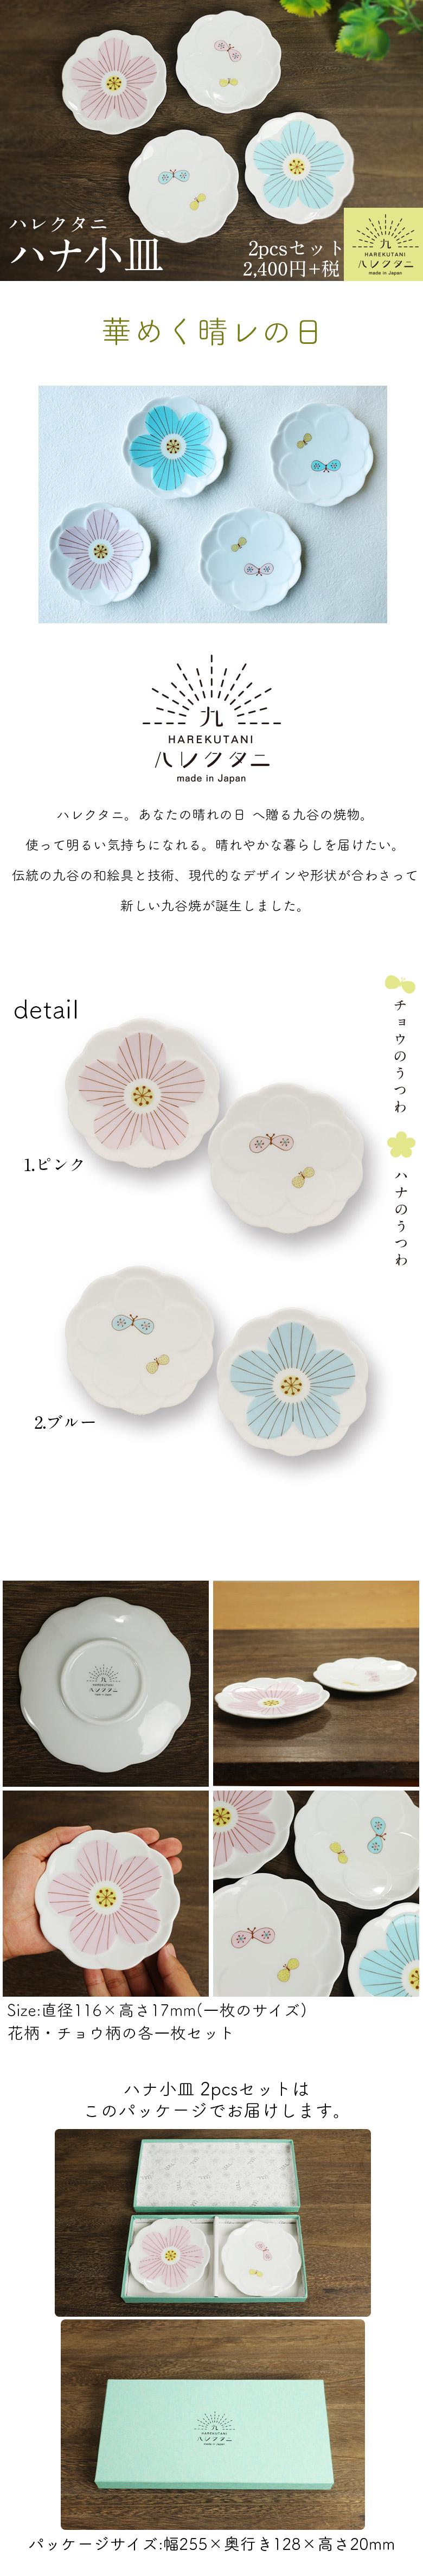 【九谷焼】ハナ小皿 2pcsセット/ハレクタニ